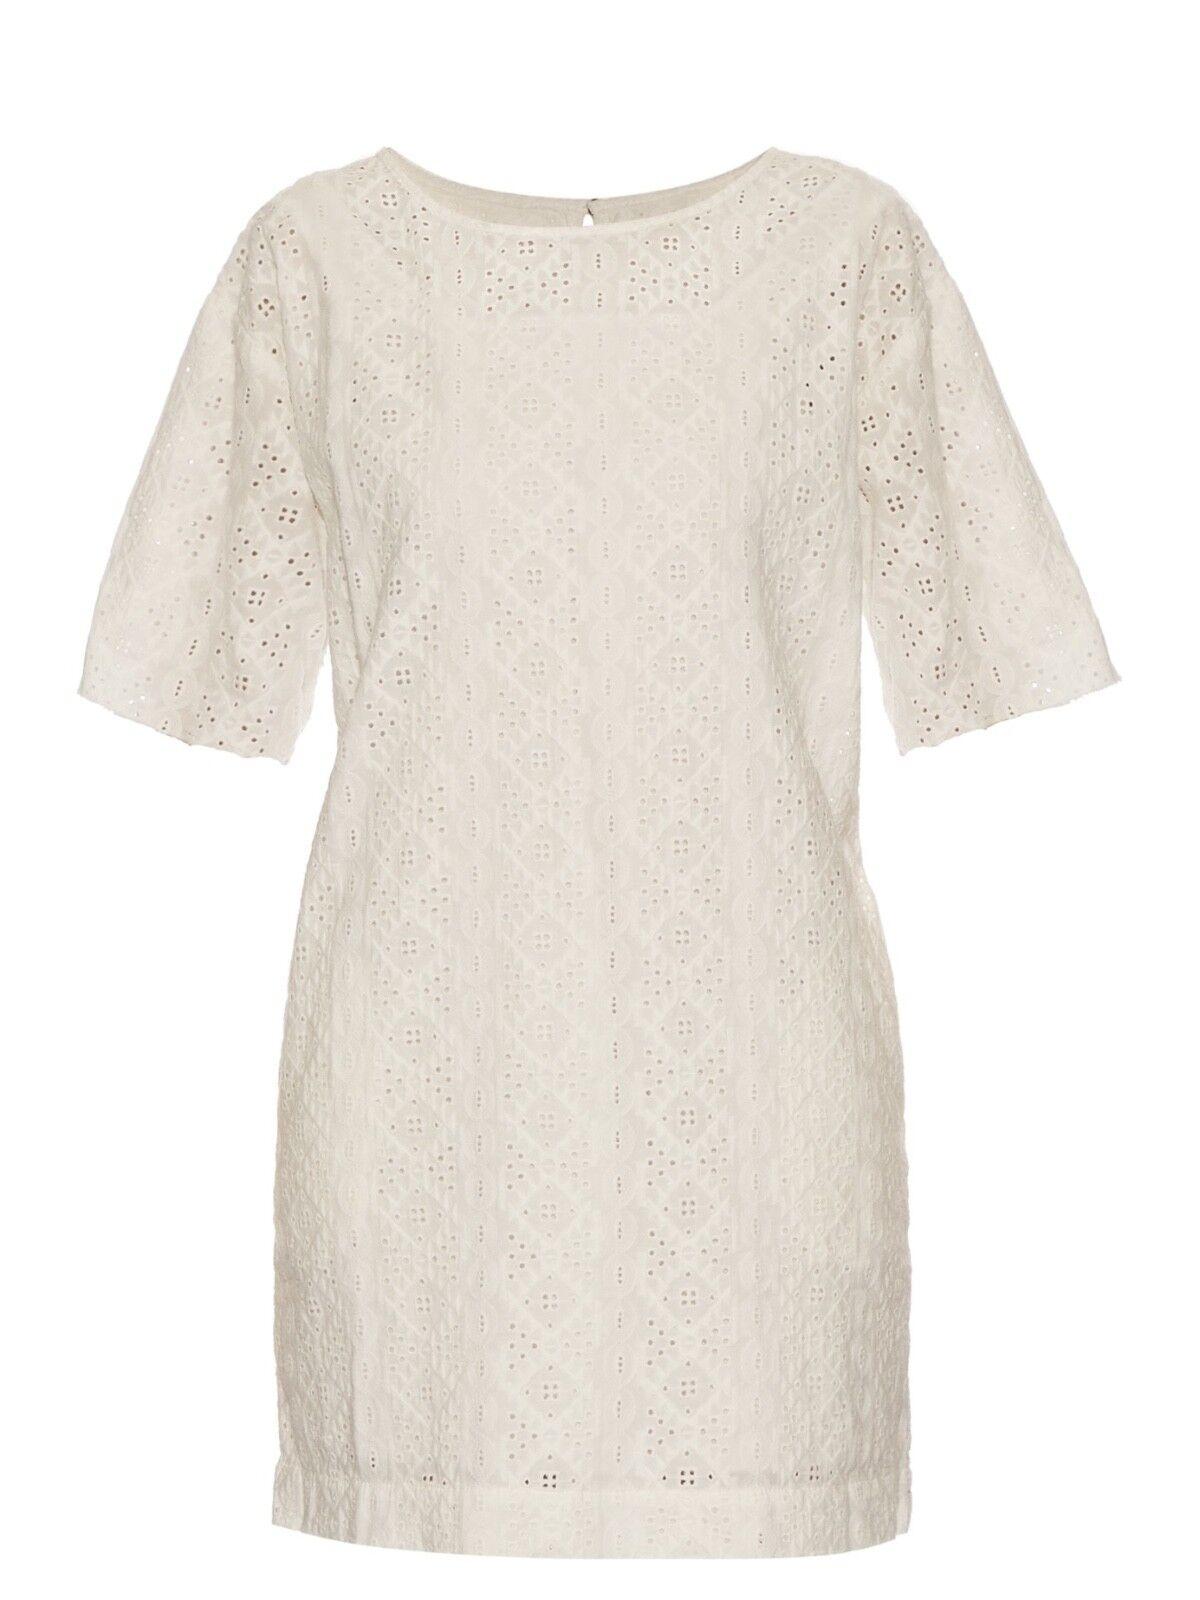 Current Elliott Eyelet Cotton Dress